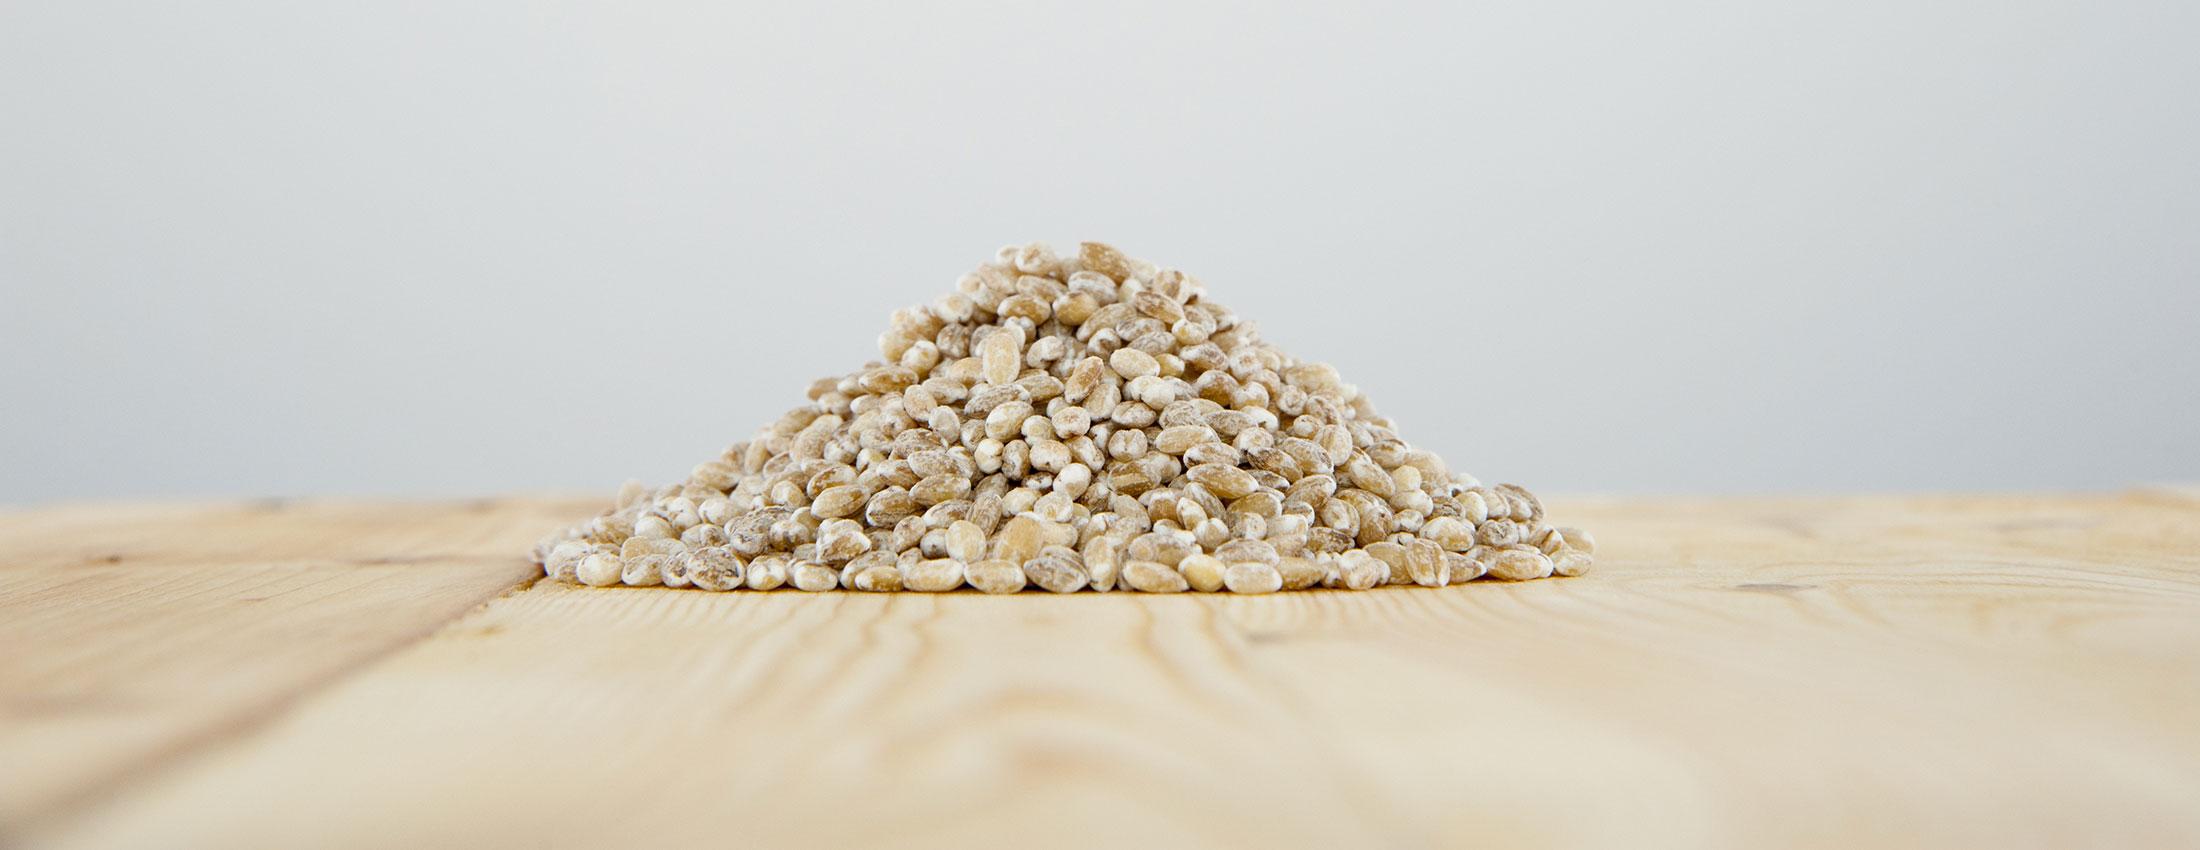 orge monde biologique grains entiers fibres insolubles mineraux